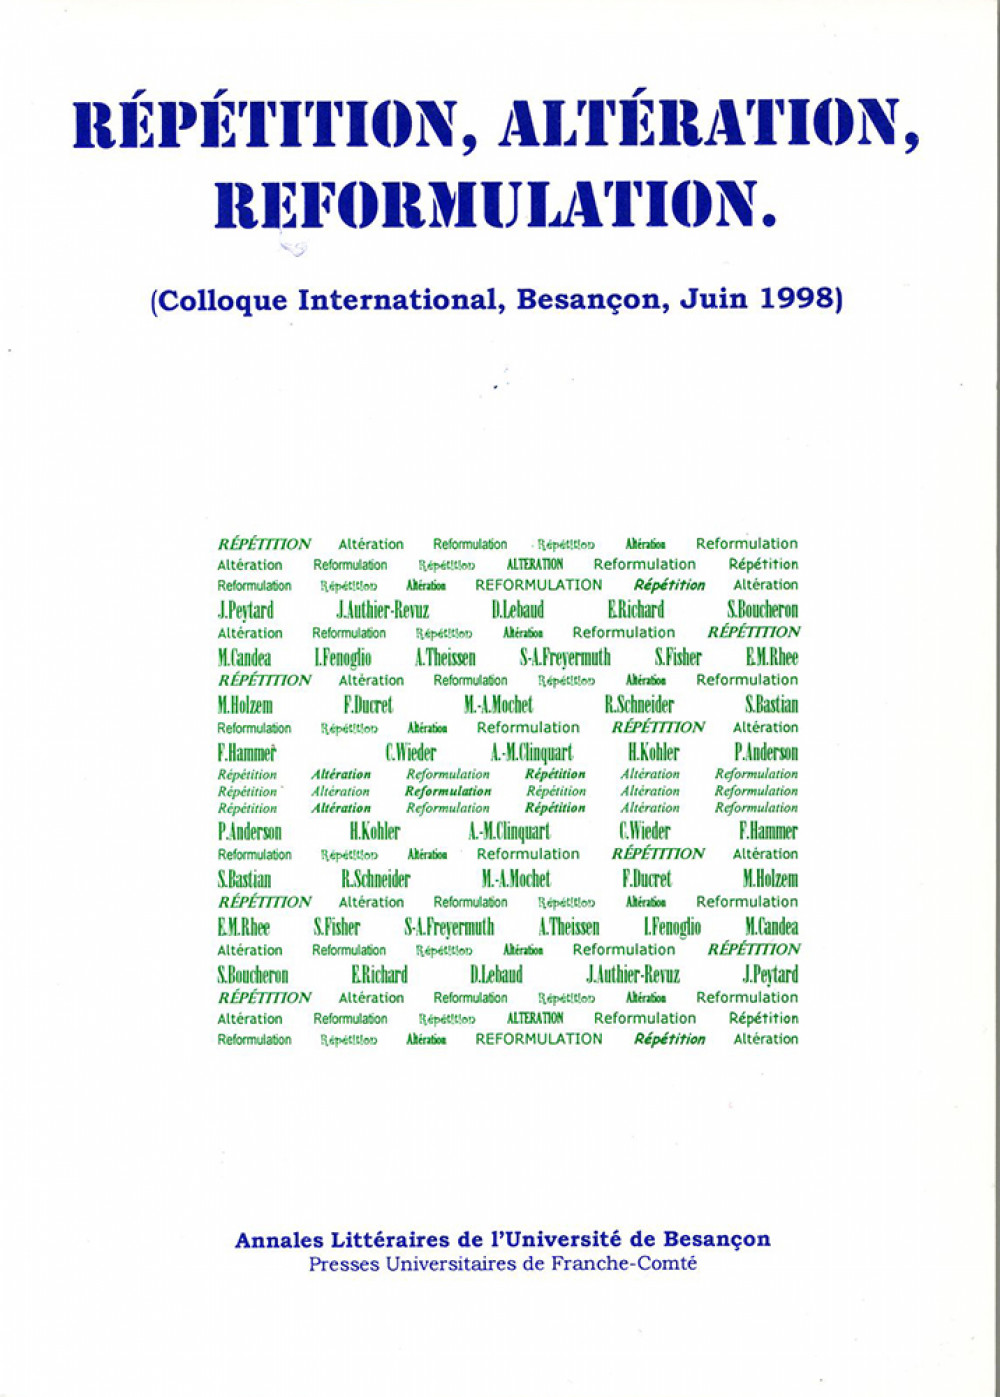 Répétition, Altération, Reformulation (Colloque International, Besançon, Juin 1998)